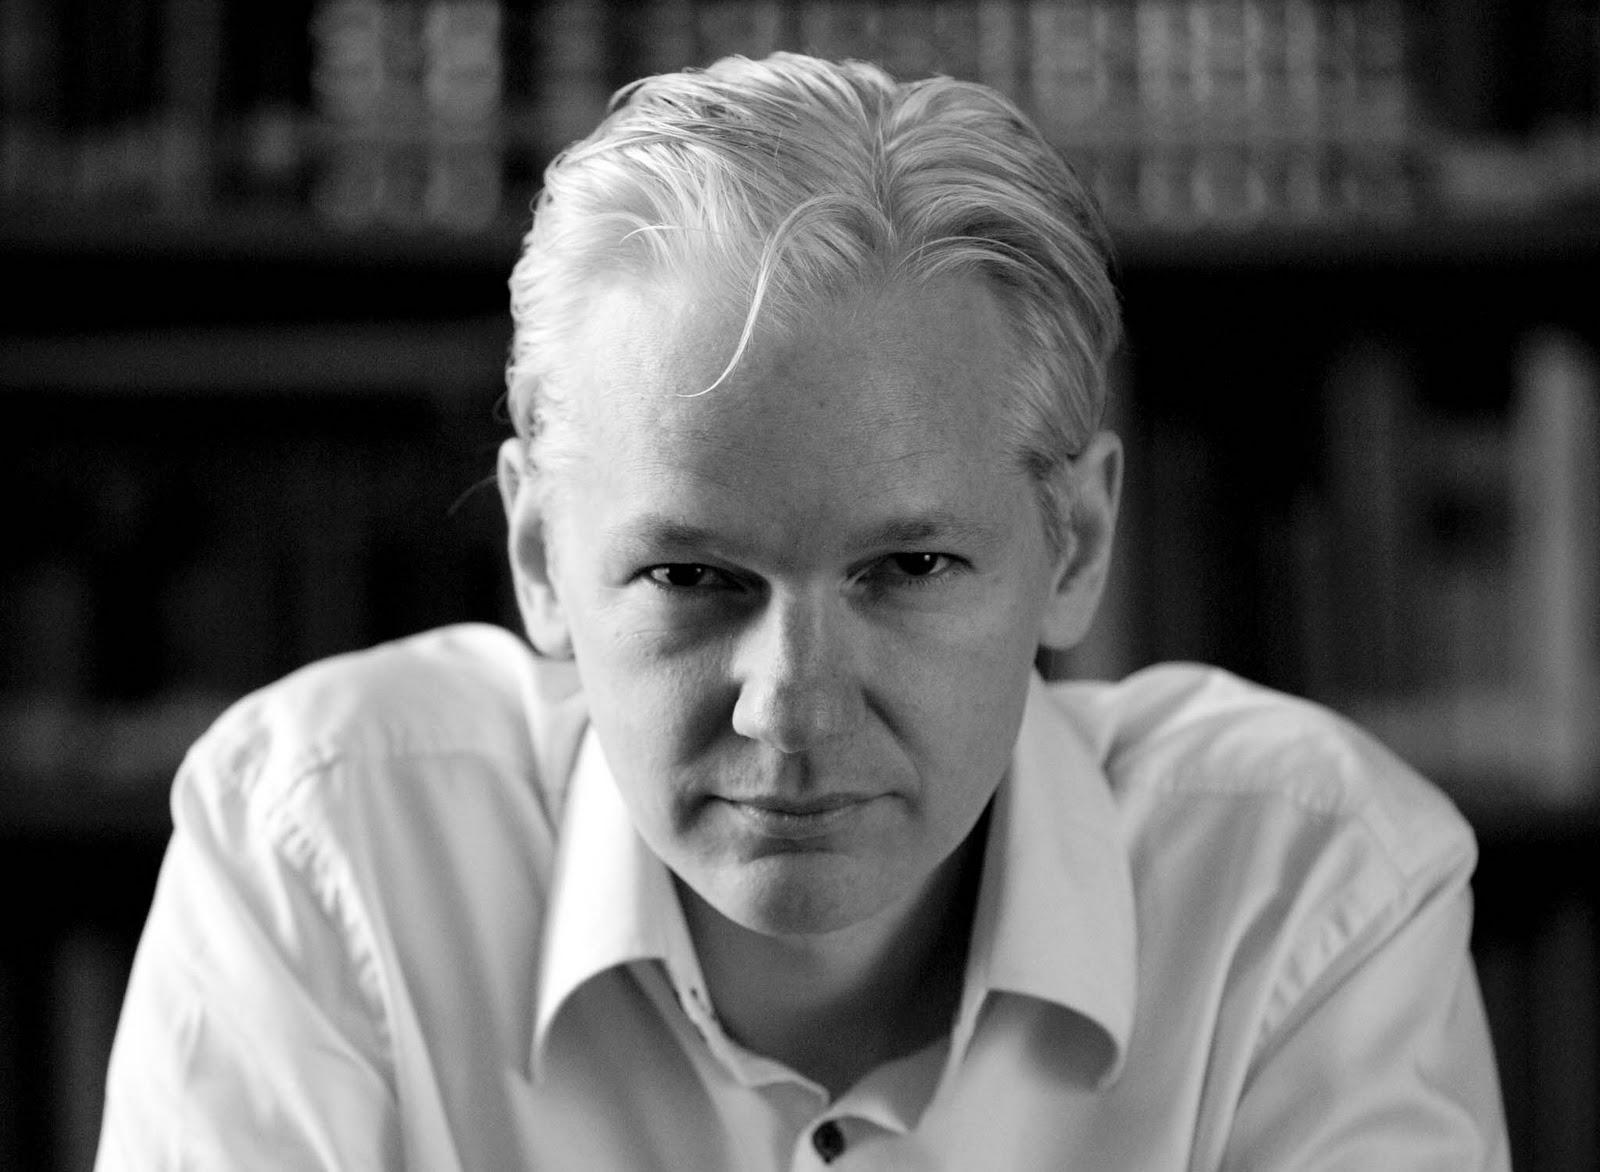 Julian_Assange_